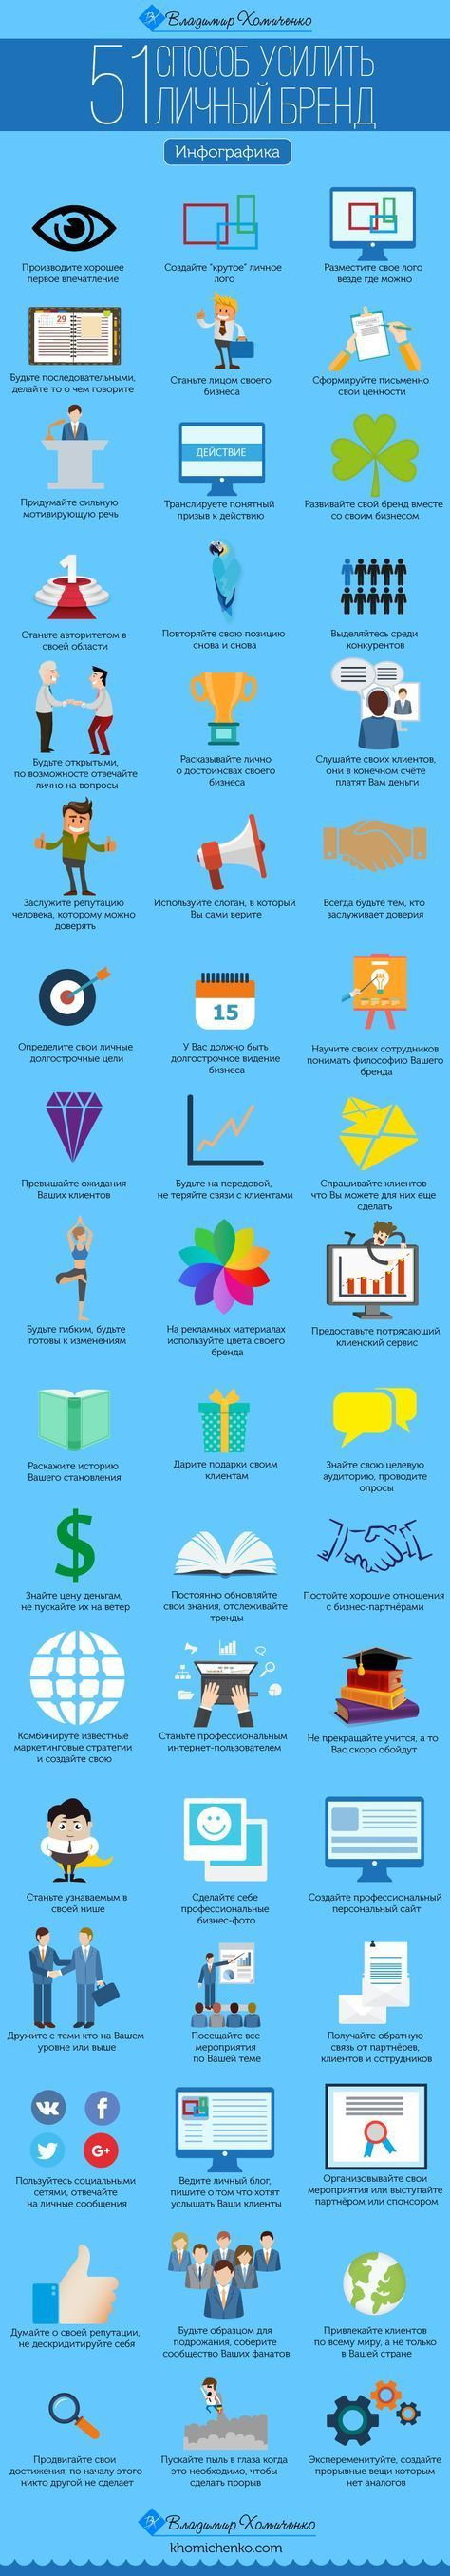 51 способ усилить личный бренд